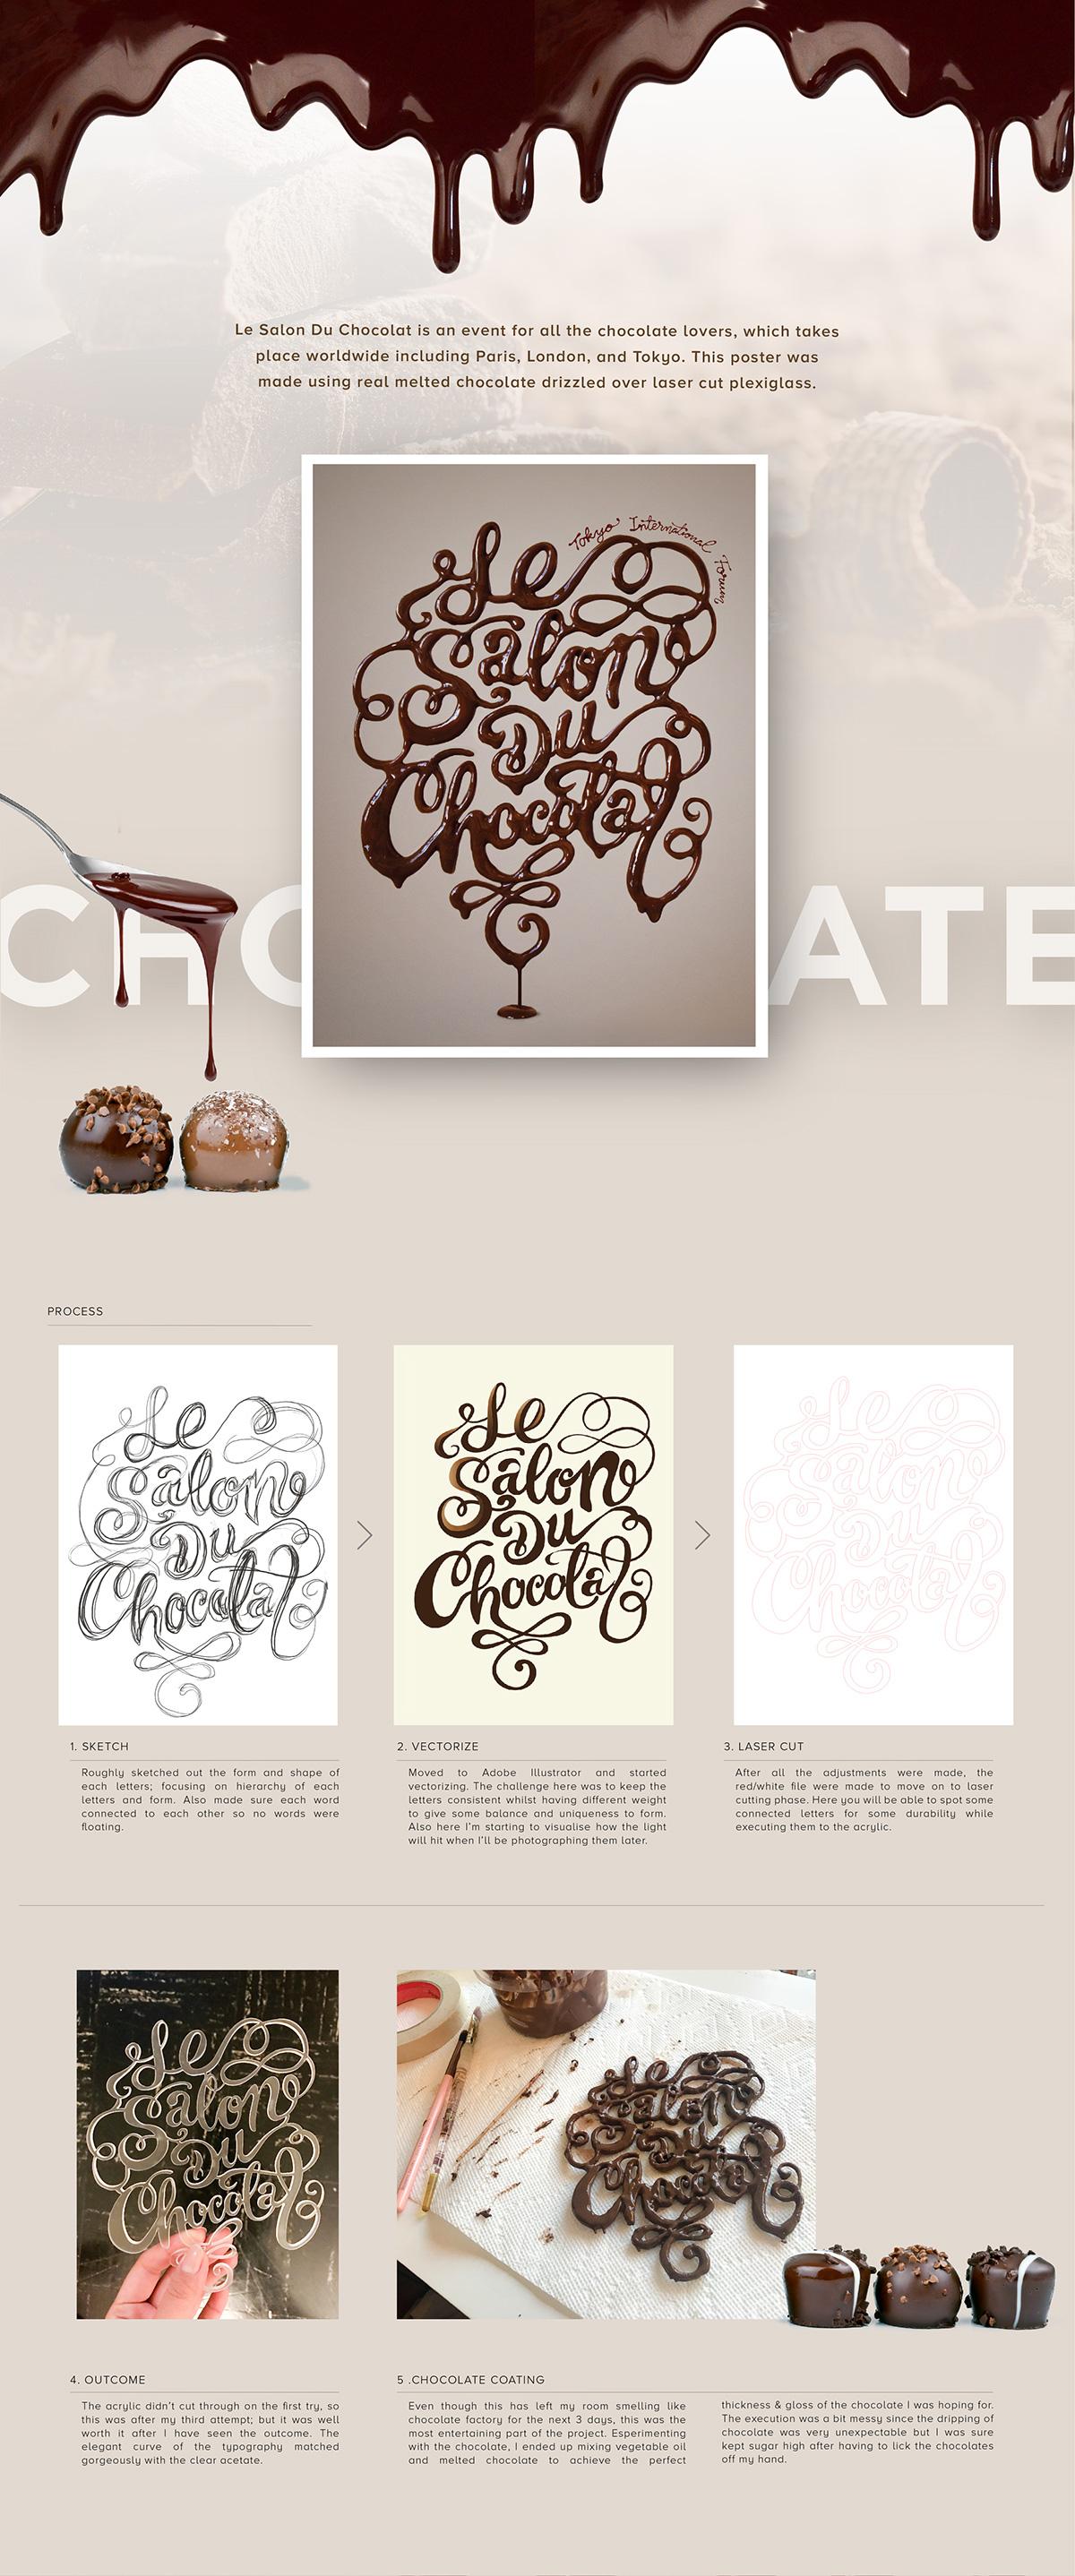 Le Salon Du Chocolat Event Poster on Student Show